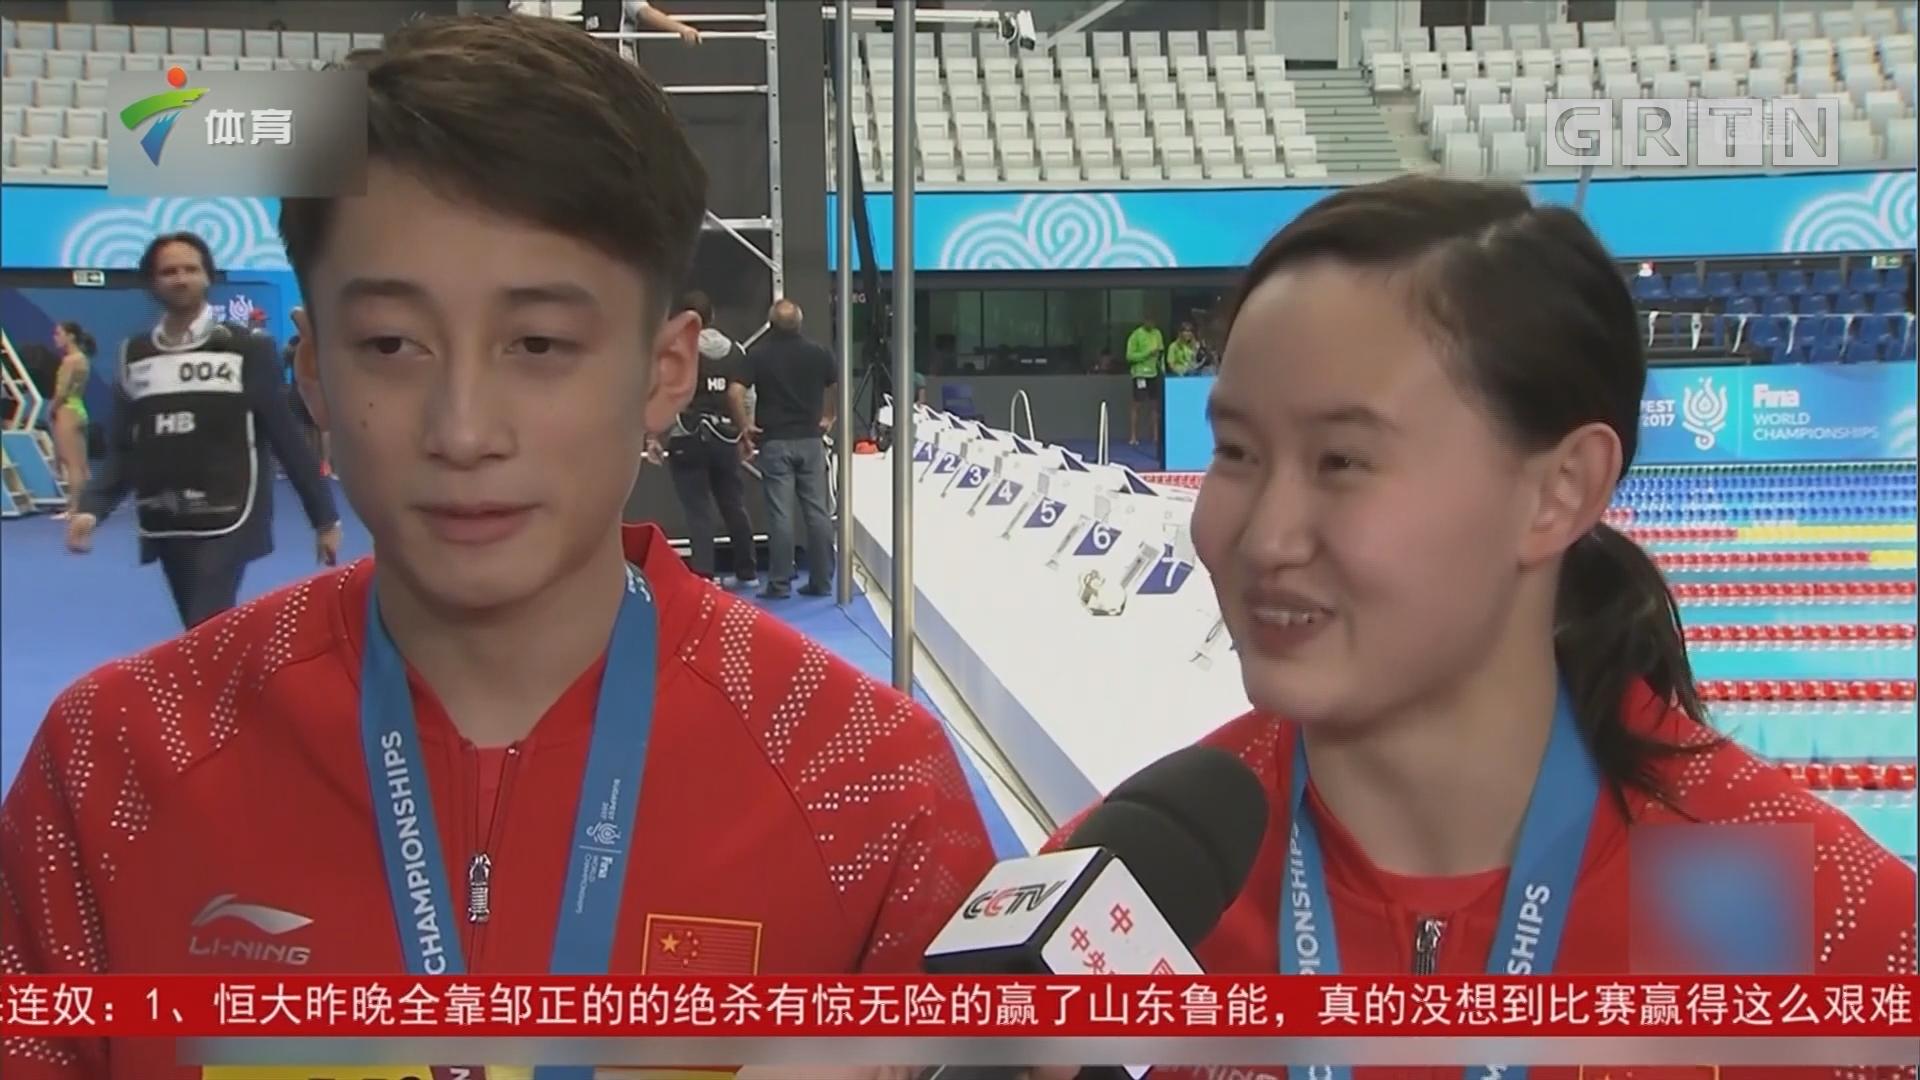 任茜/练俊杰夺跳水混合双人十米台夺冠